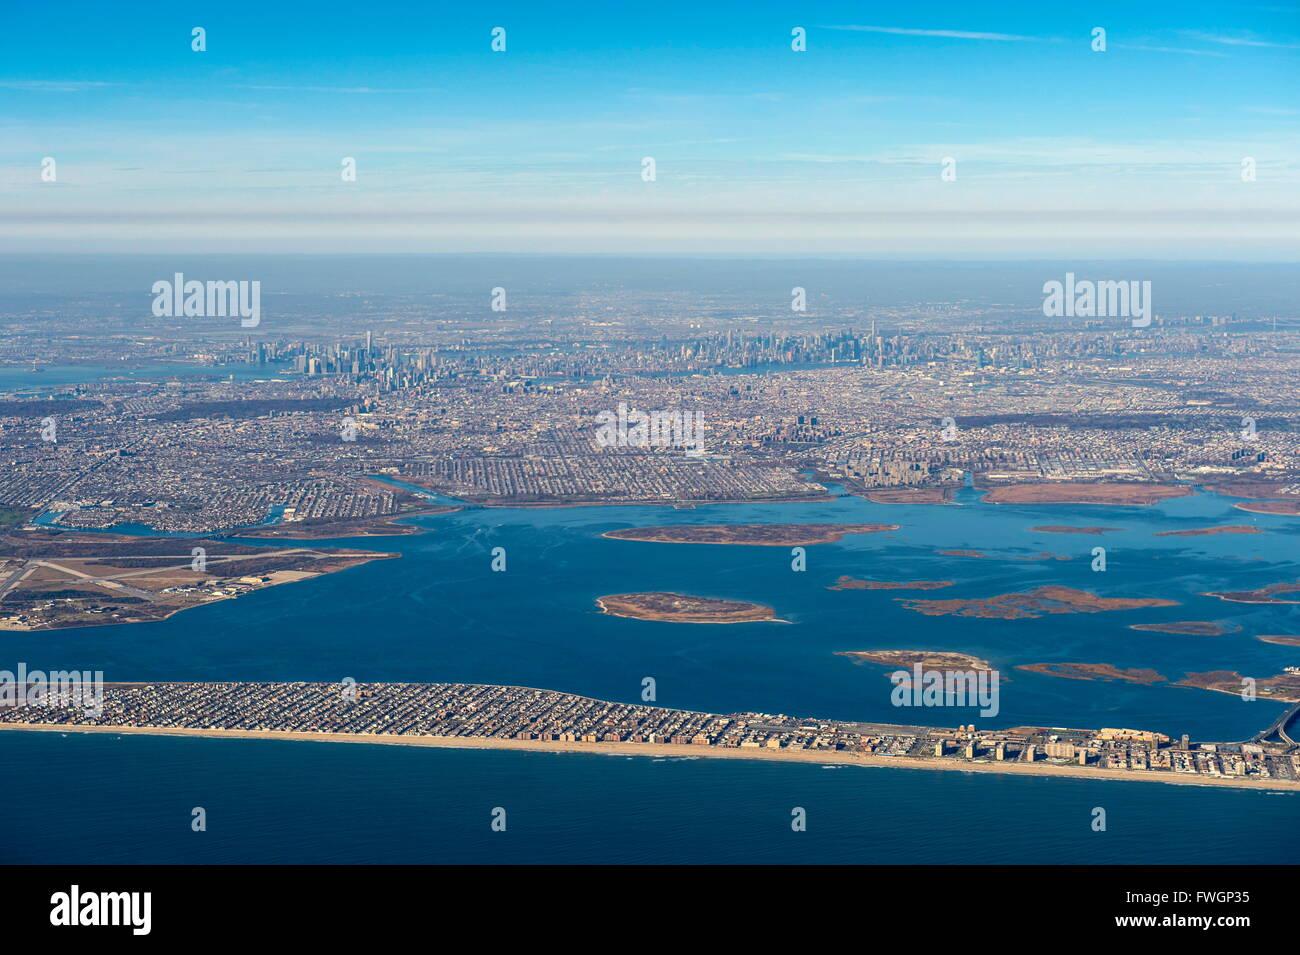 Vue aérienne de New York, États-Unis d'Amérique, Amérique du Nord Photo Stock